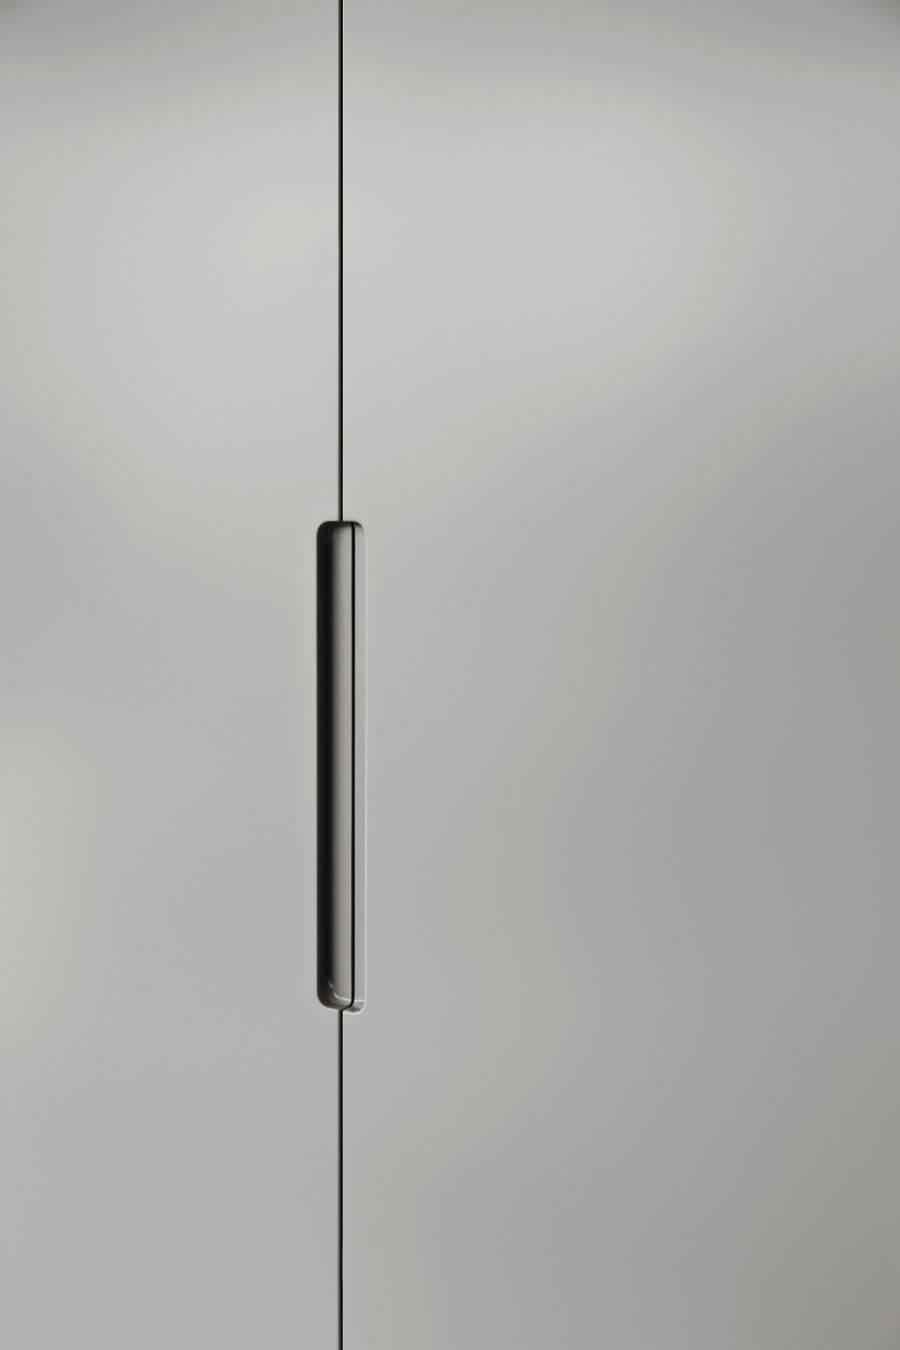 armadio-battente-collezione-san-francisco-il-mobile (4)